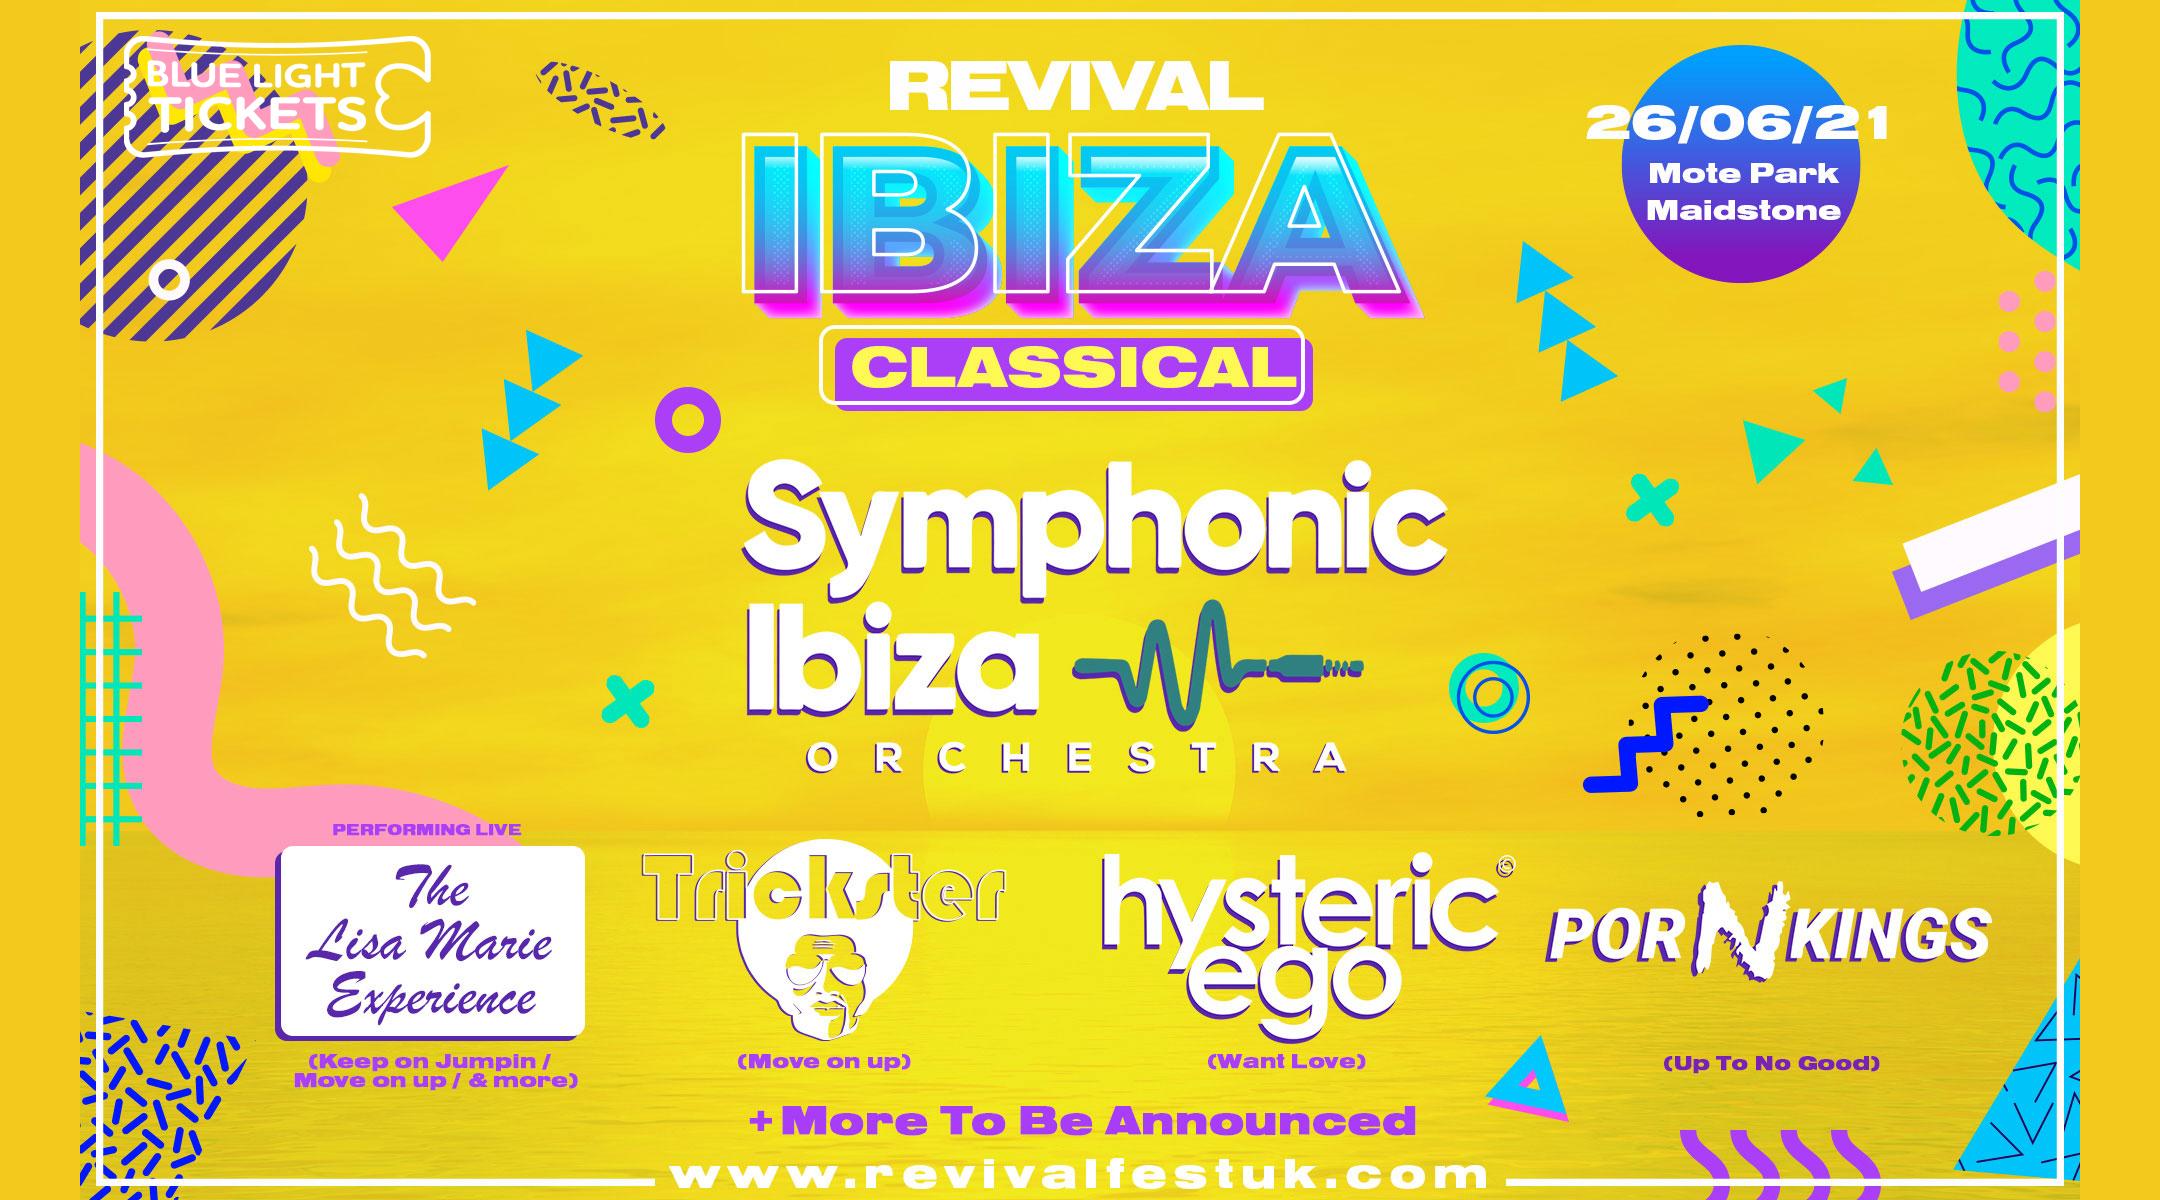 Revival Presents: Ibiza Classical